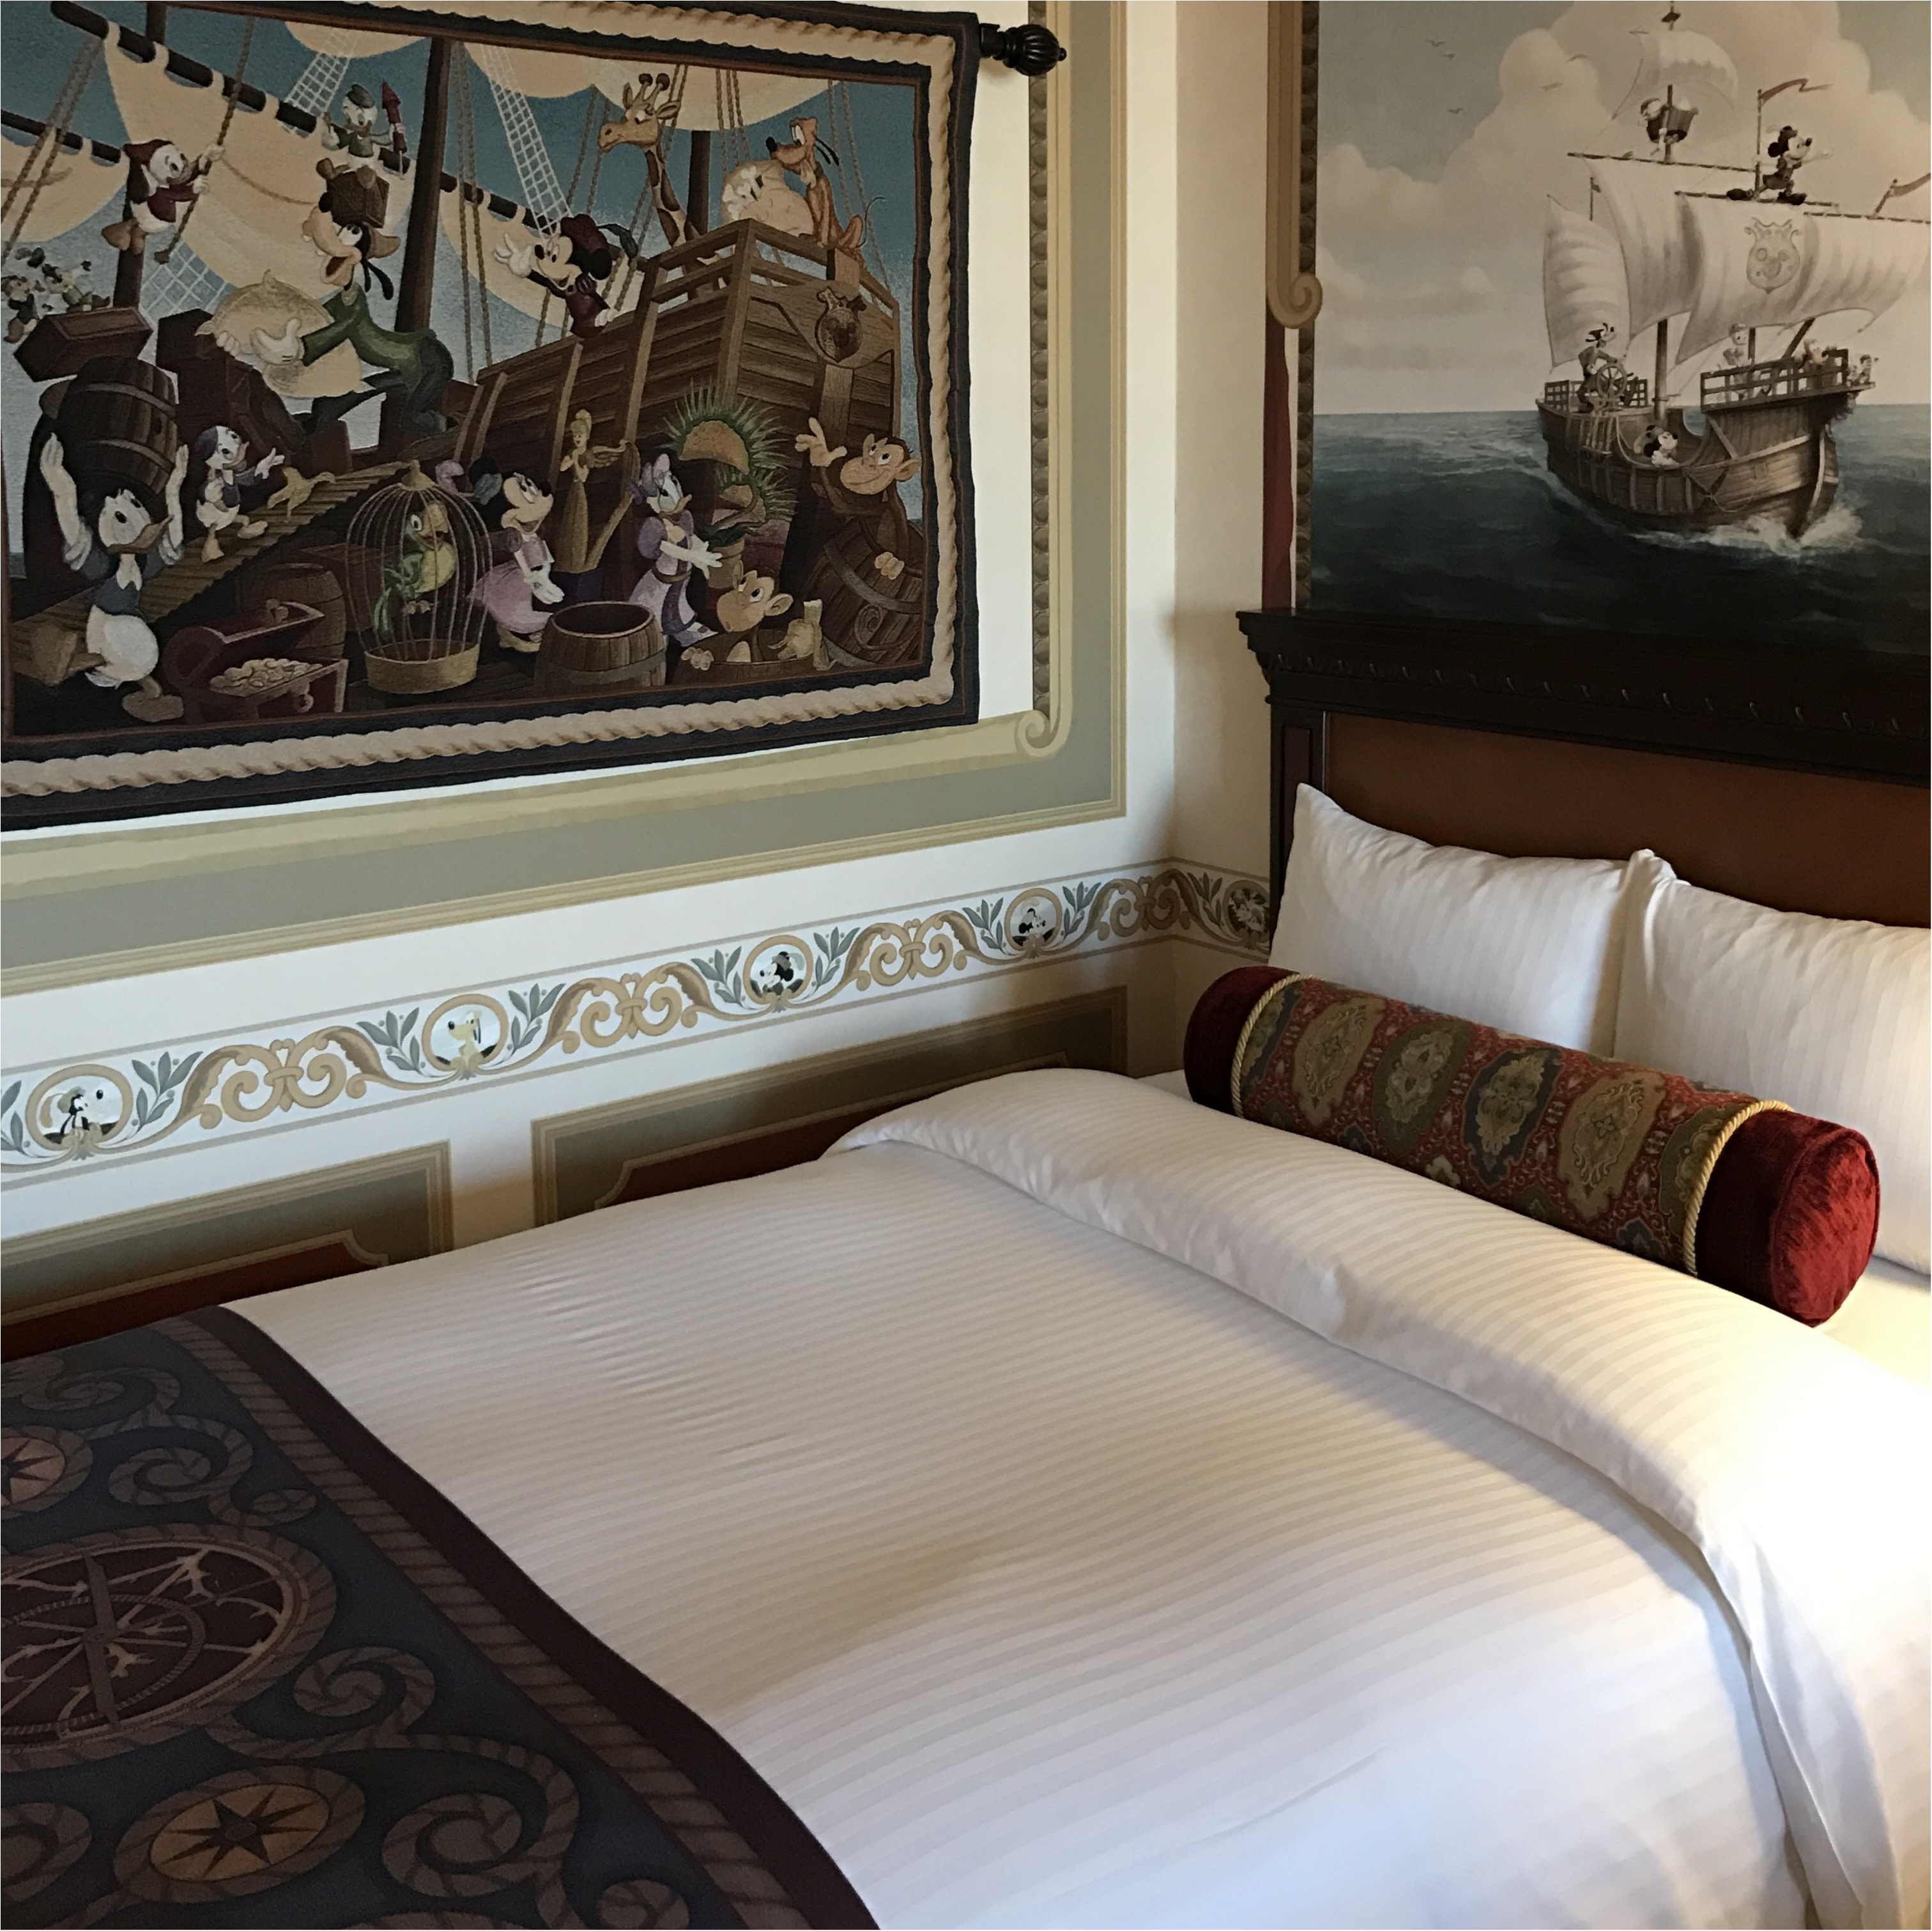 【夢のお泊まりディズニー♡】ホテルミラコスタの魅力をたっぷりご紹介します(*´꒳`*)_3